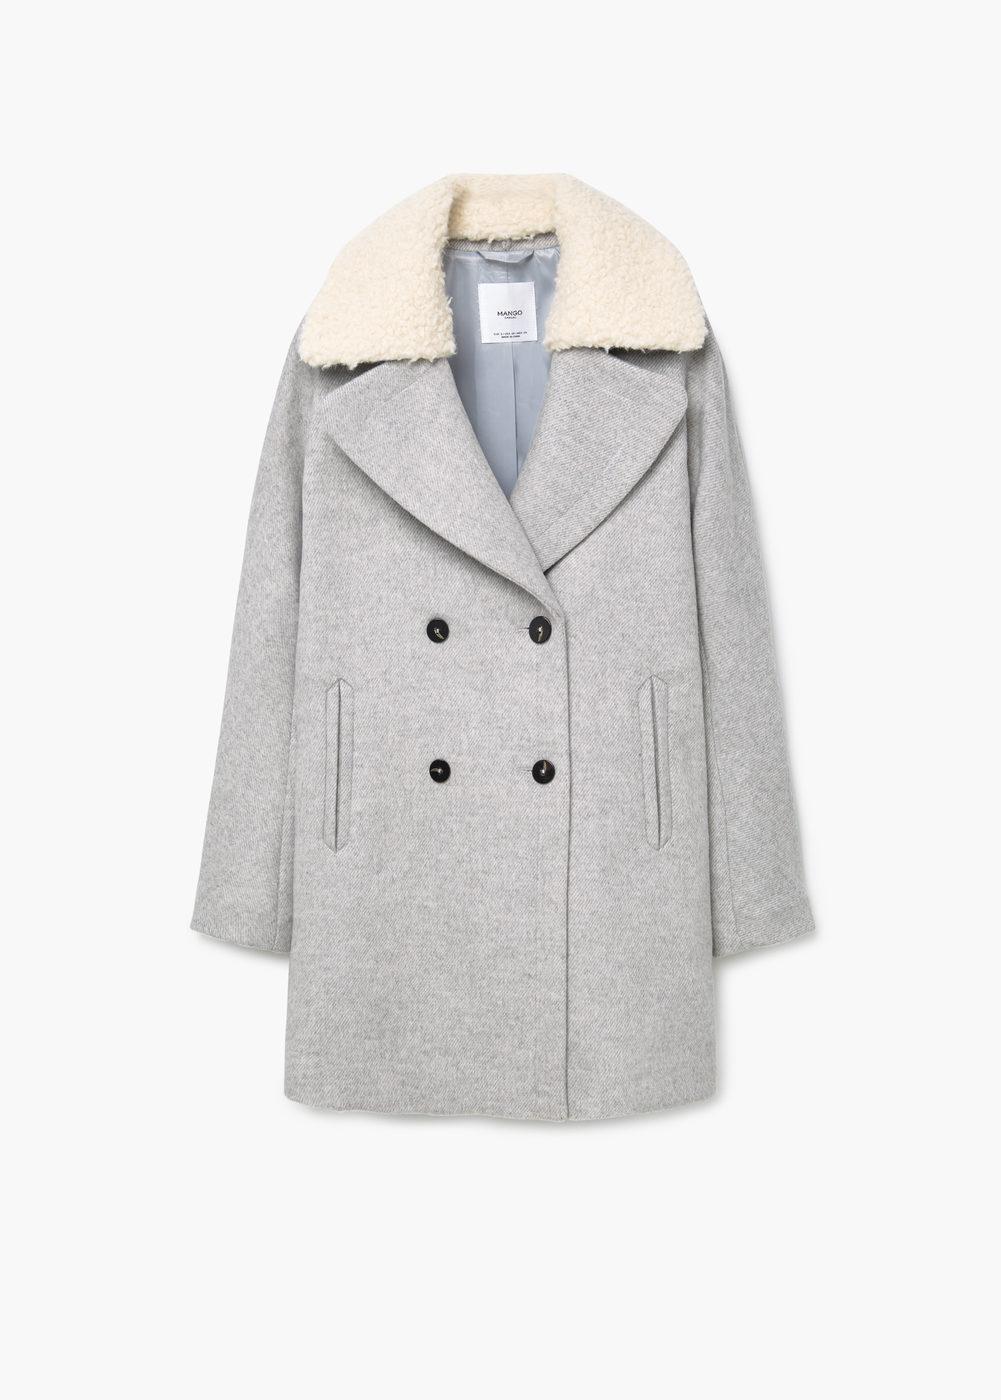 Manteau femme hiver 2014 mango